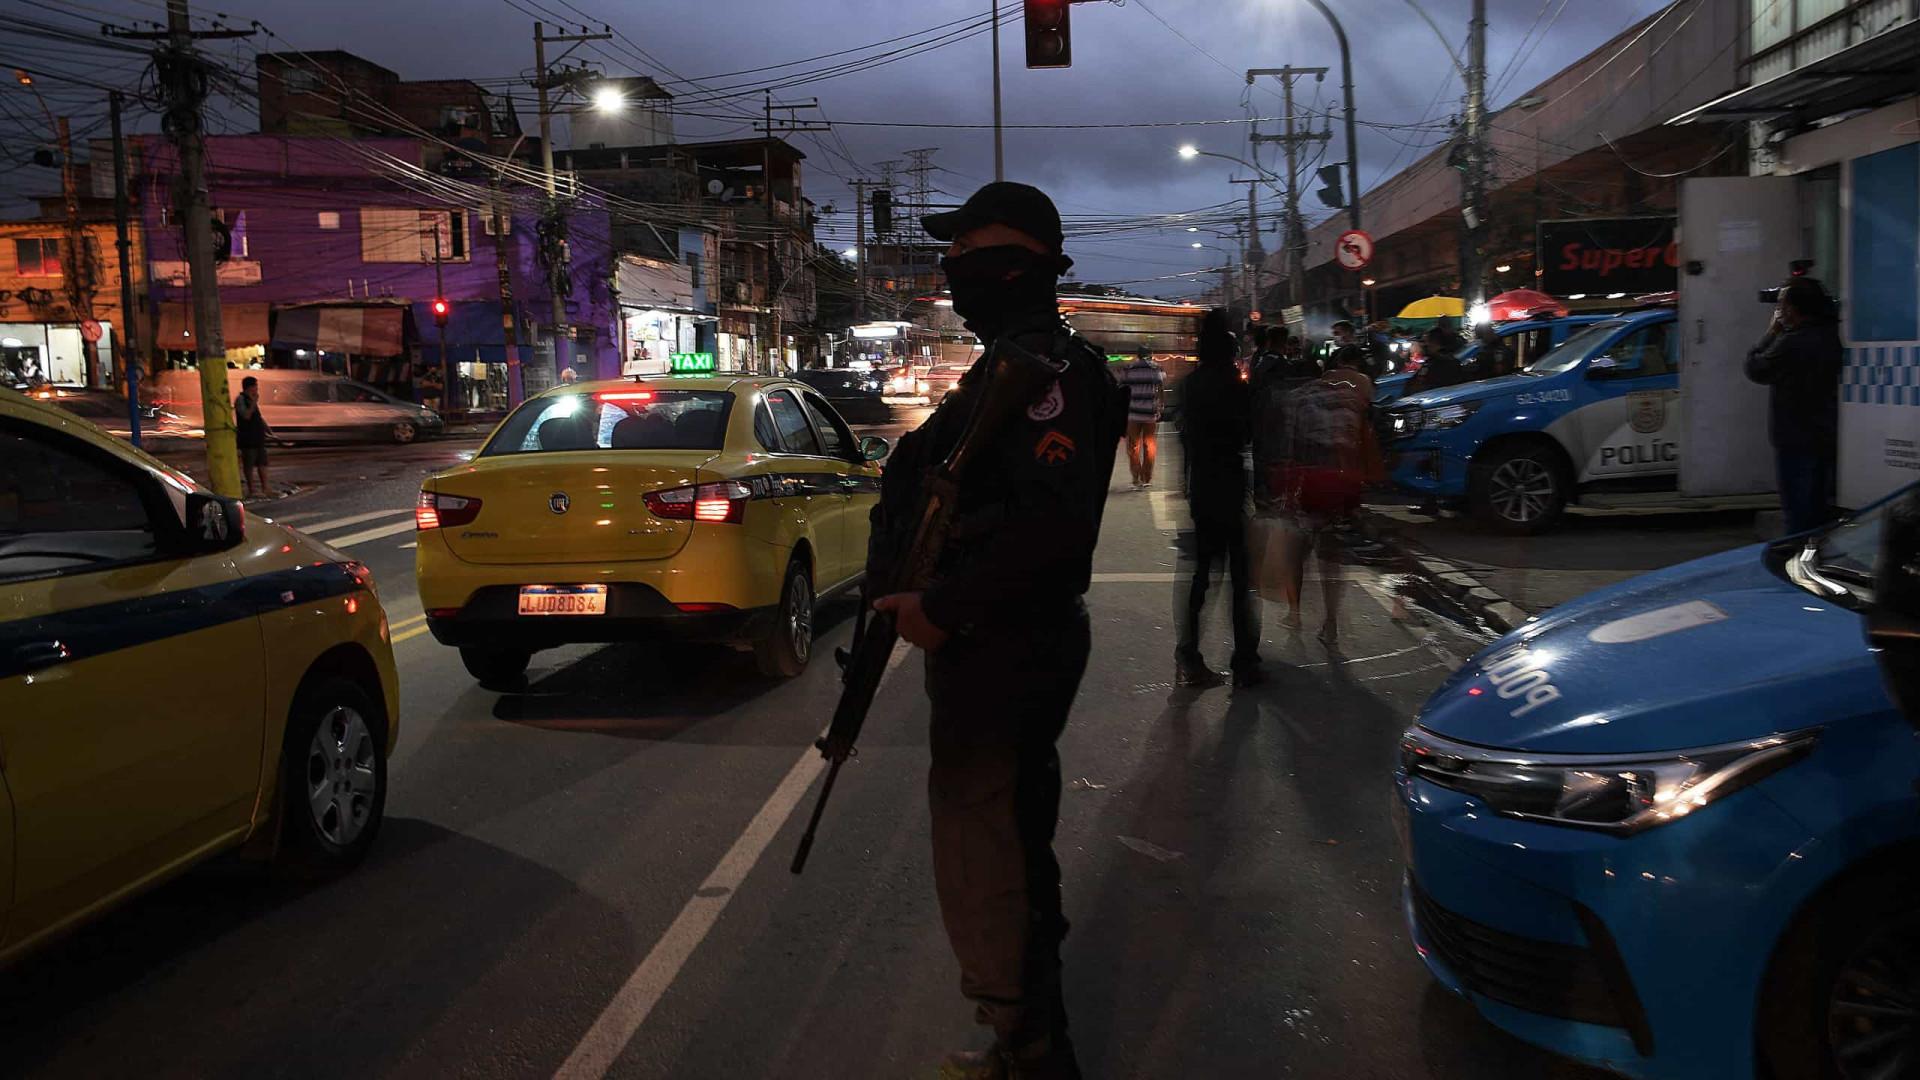 Gritos de 'abaixa a arma' e 'perdi' precederam matança no Jacarezinho, dizem moradores